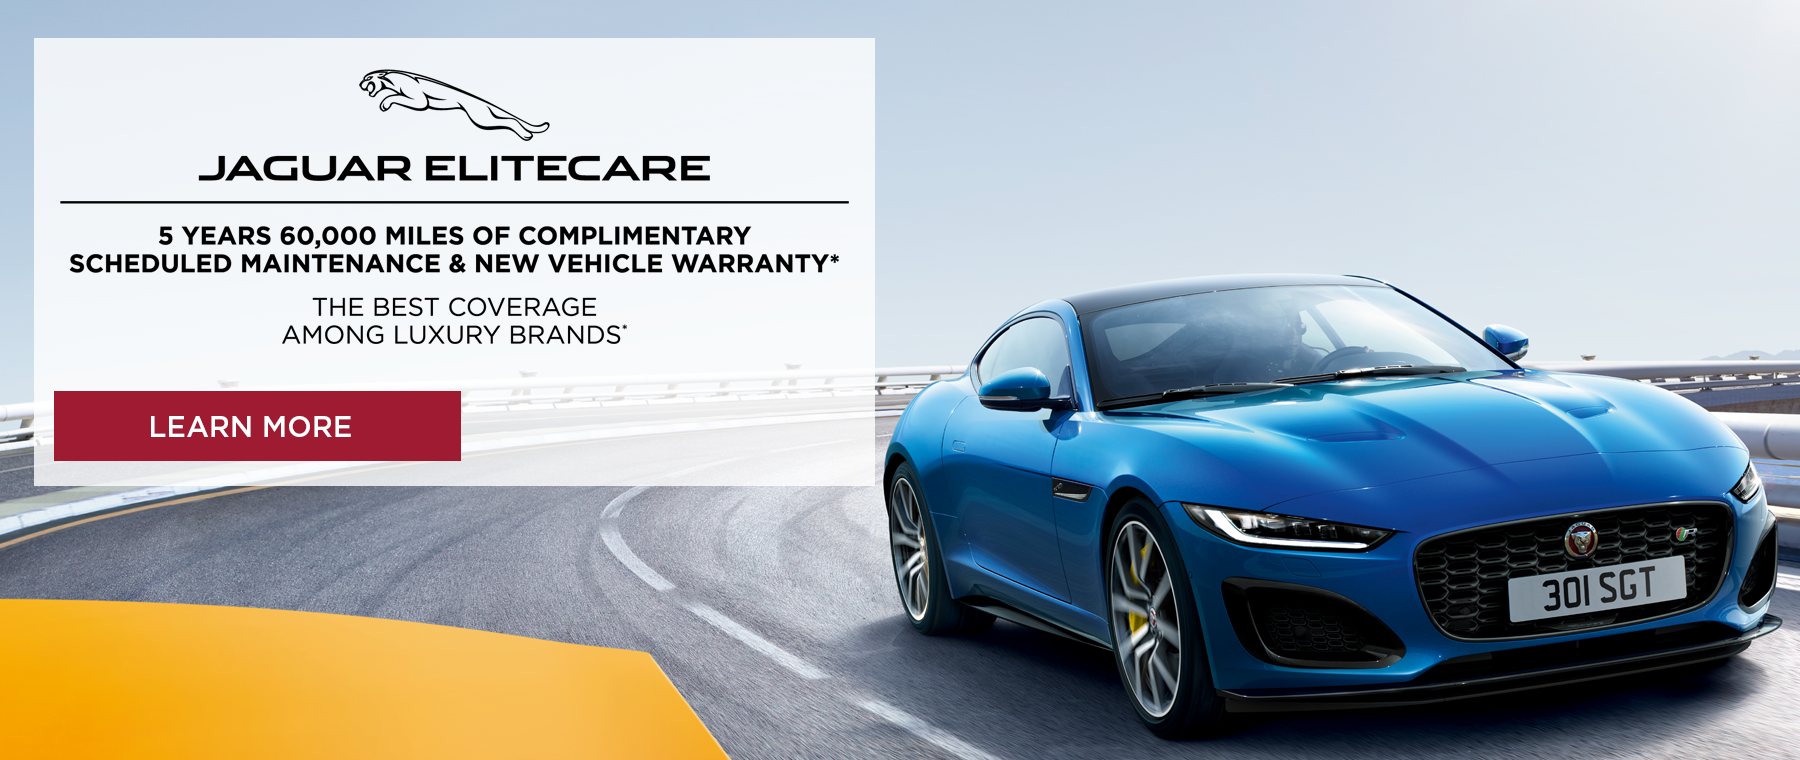 Jaguar Elitecare DI – larf 8:2020ng